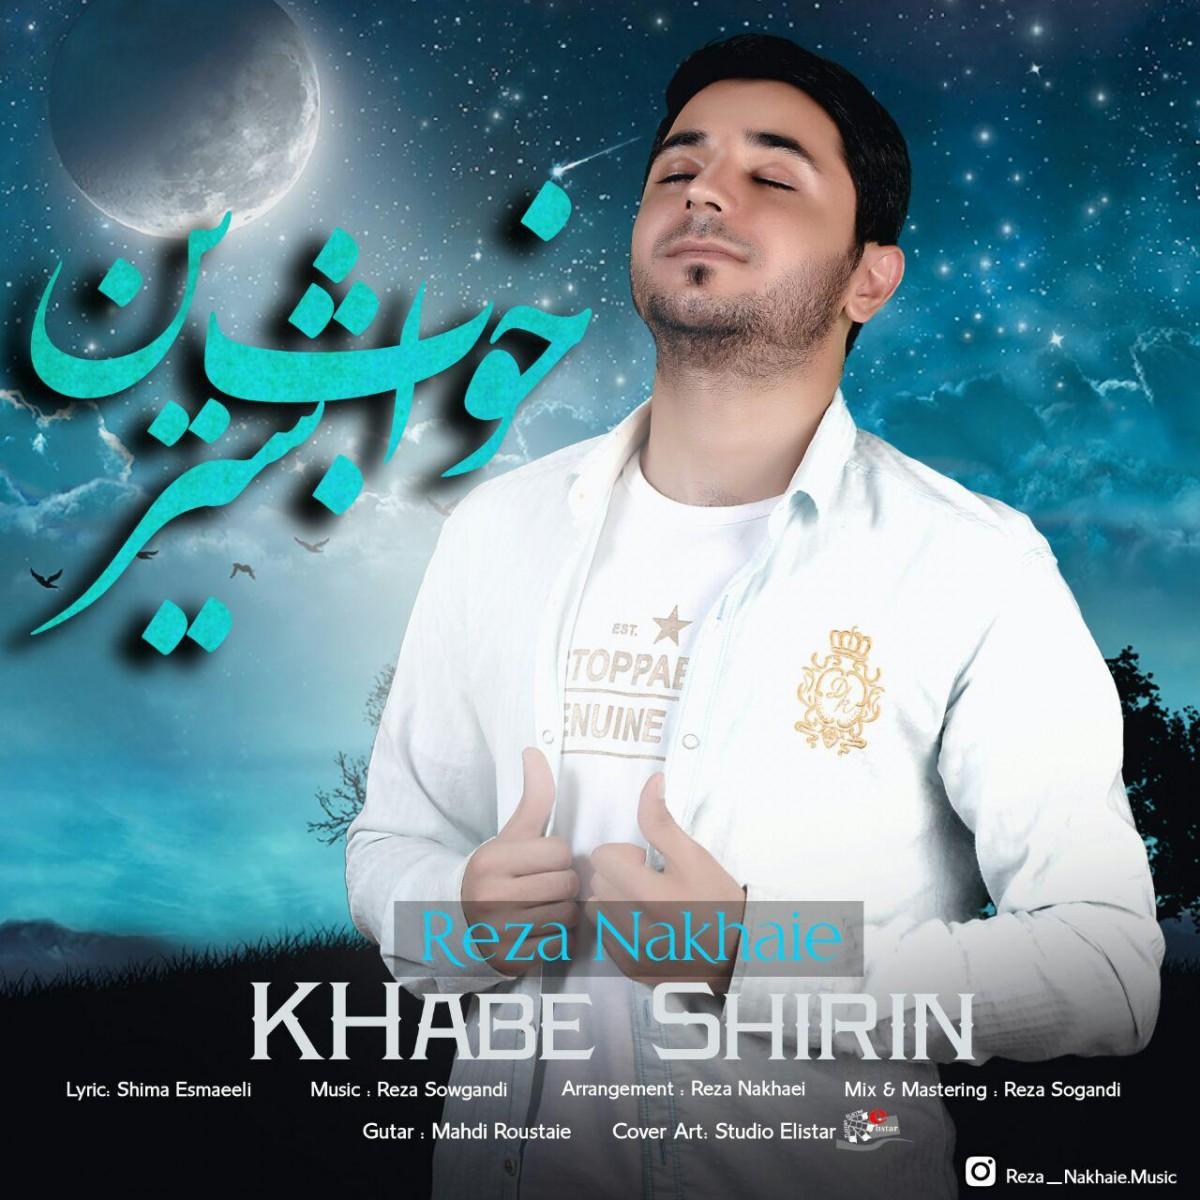 نامبر وان موزیک | دانلود آهنگ جدید Reza-Nakhaie-Khabe-Shirin